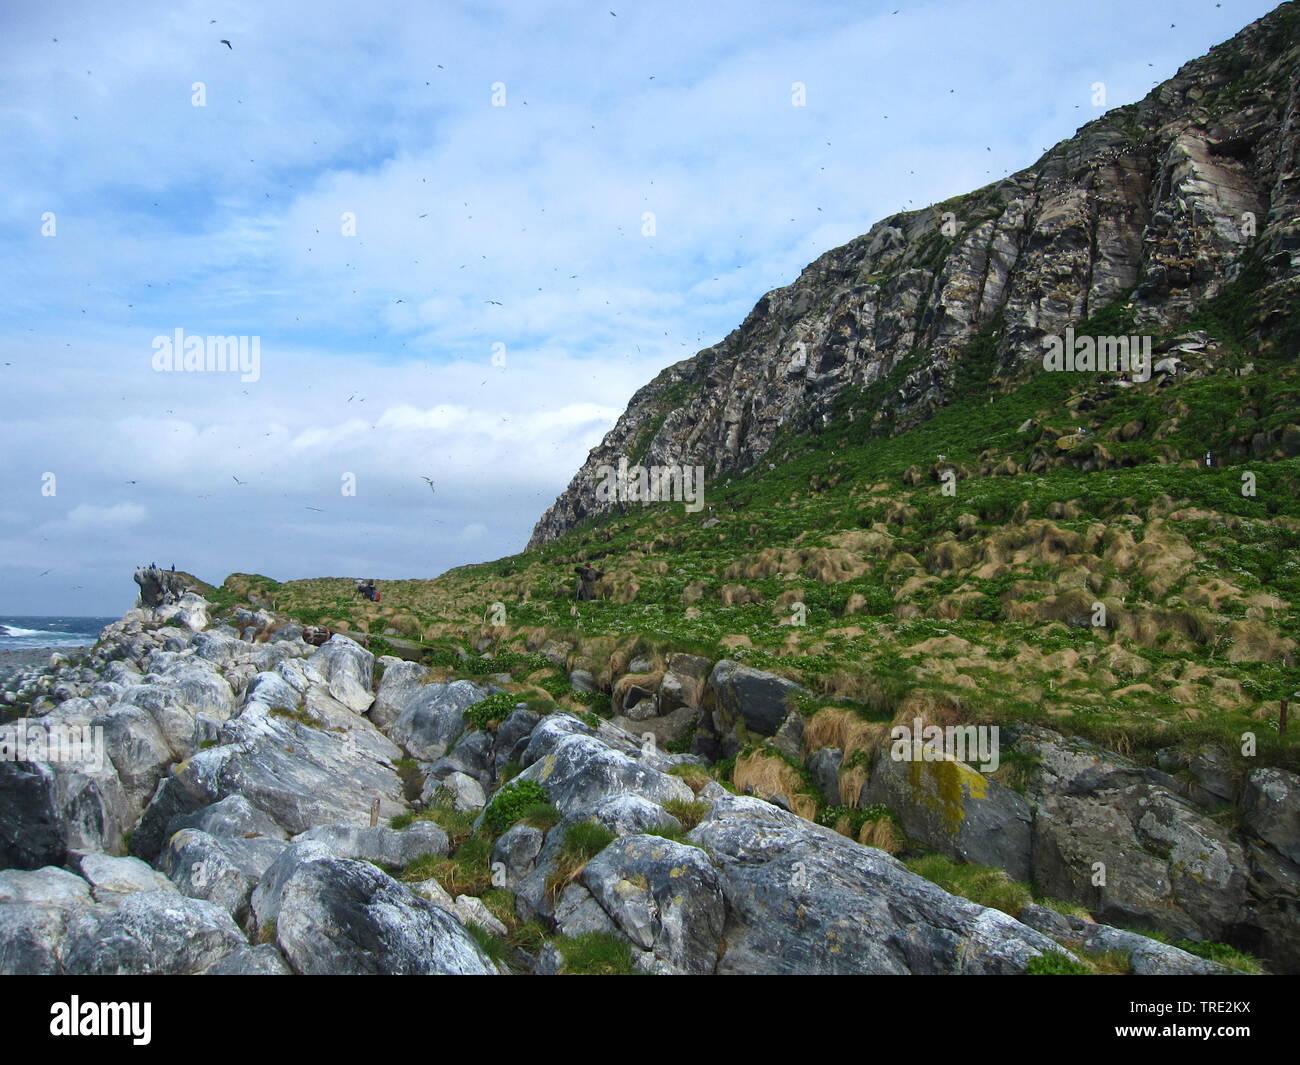 Varangerfjord, Norwegen | Varangerfjord, Norway | BLWS515585.jpg [ (c) blickwinkel/AGAMI/A. Ouwerkerk Tel. +49 (0)2302-2793220, E-mail: info@blickwink - Stock Image